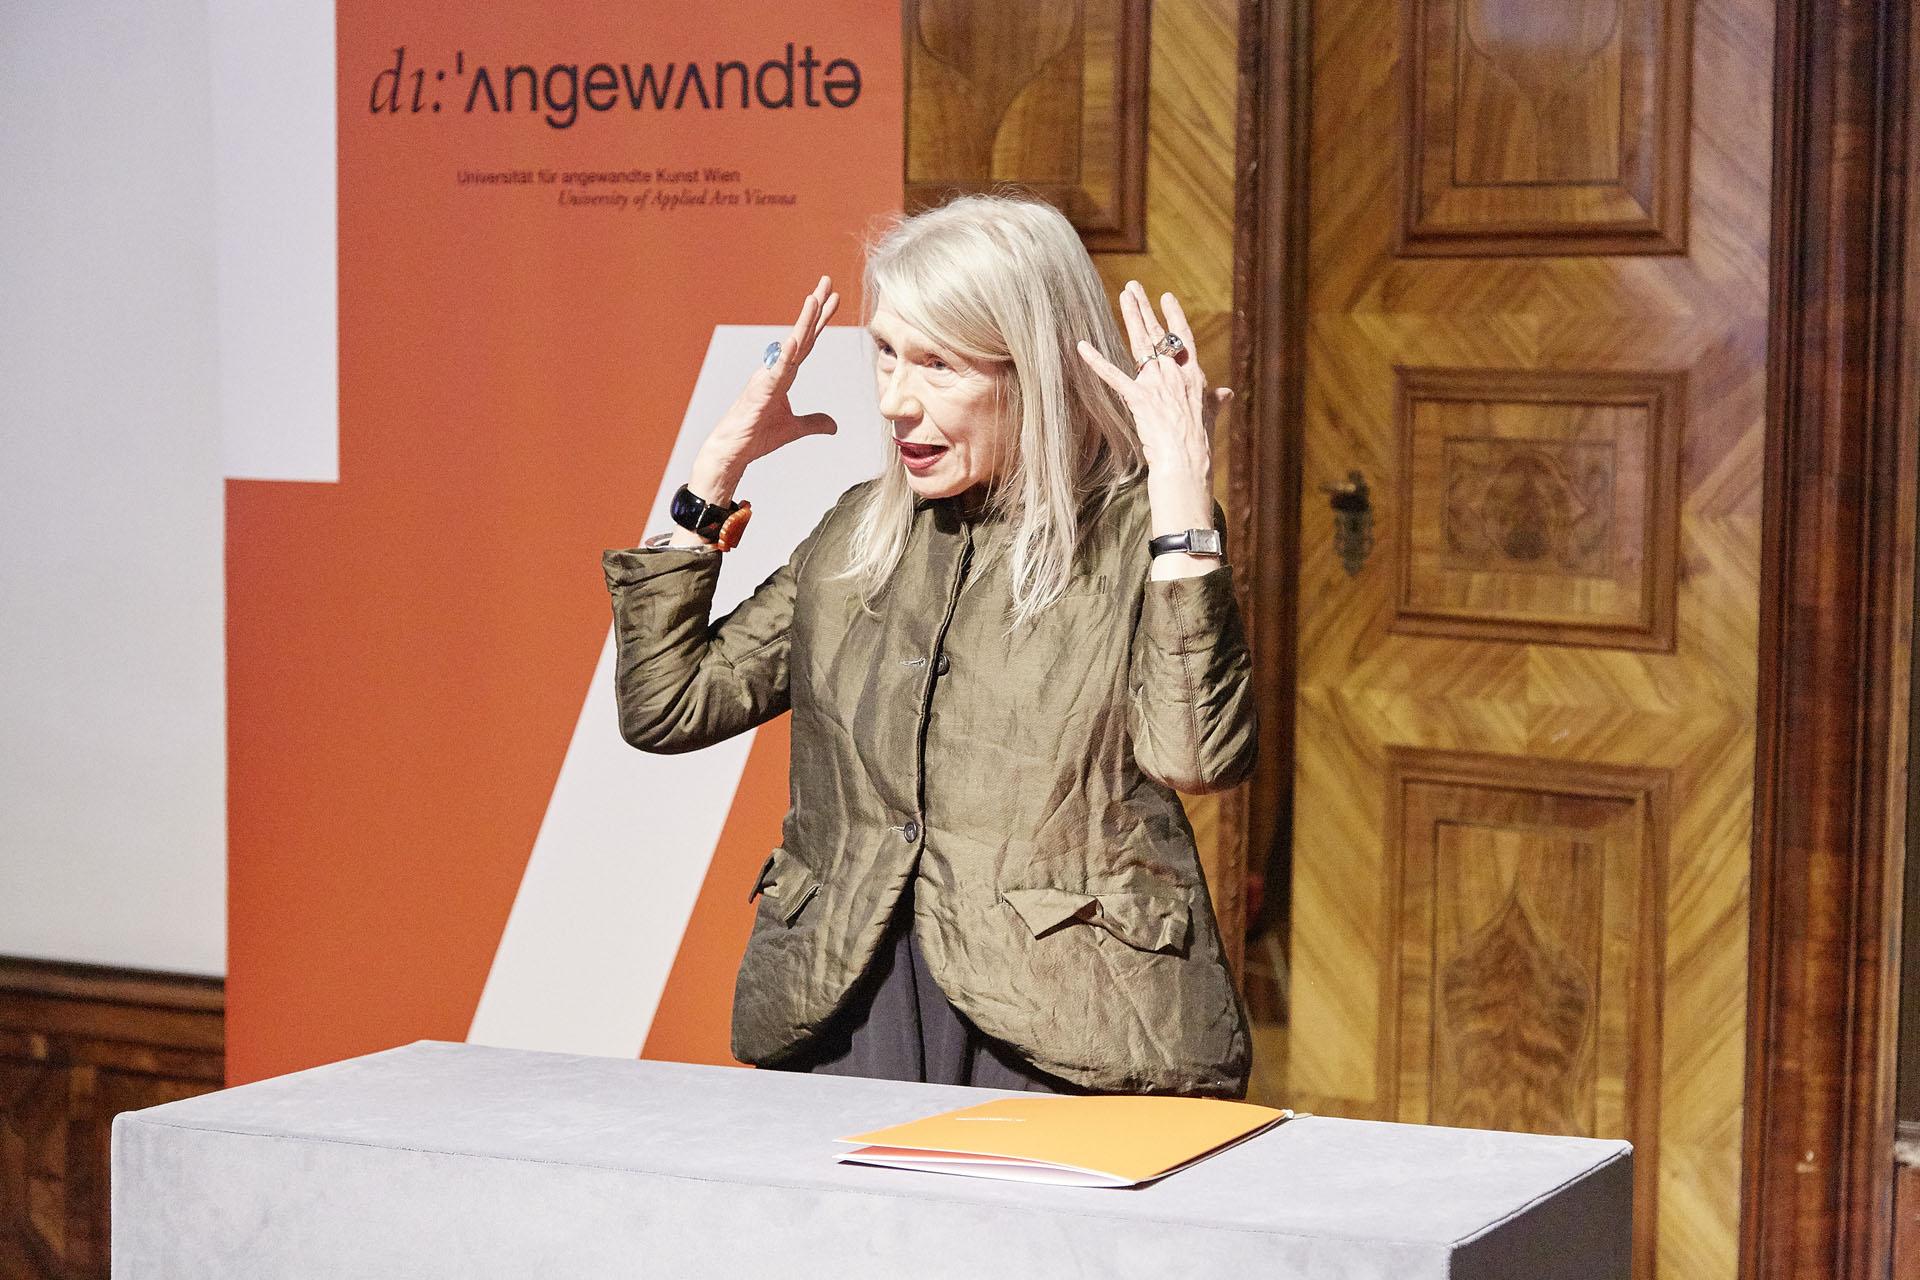 Angewandte_OK-Preis_2018_Martha_Jungwirth_00006